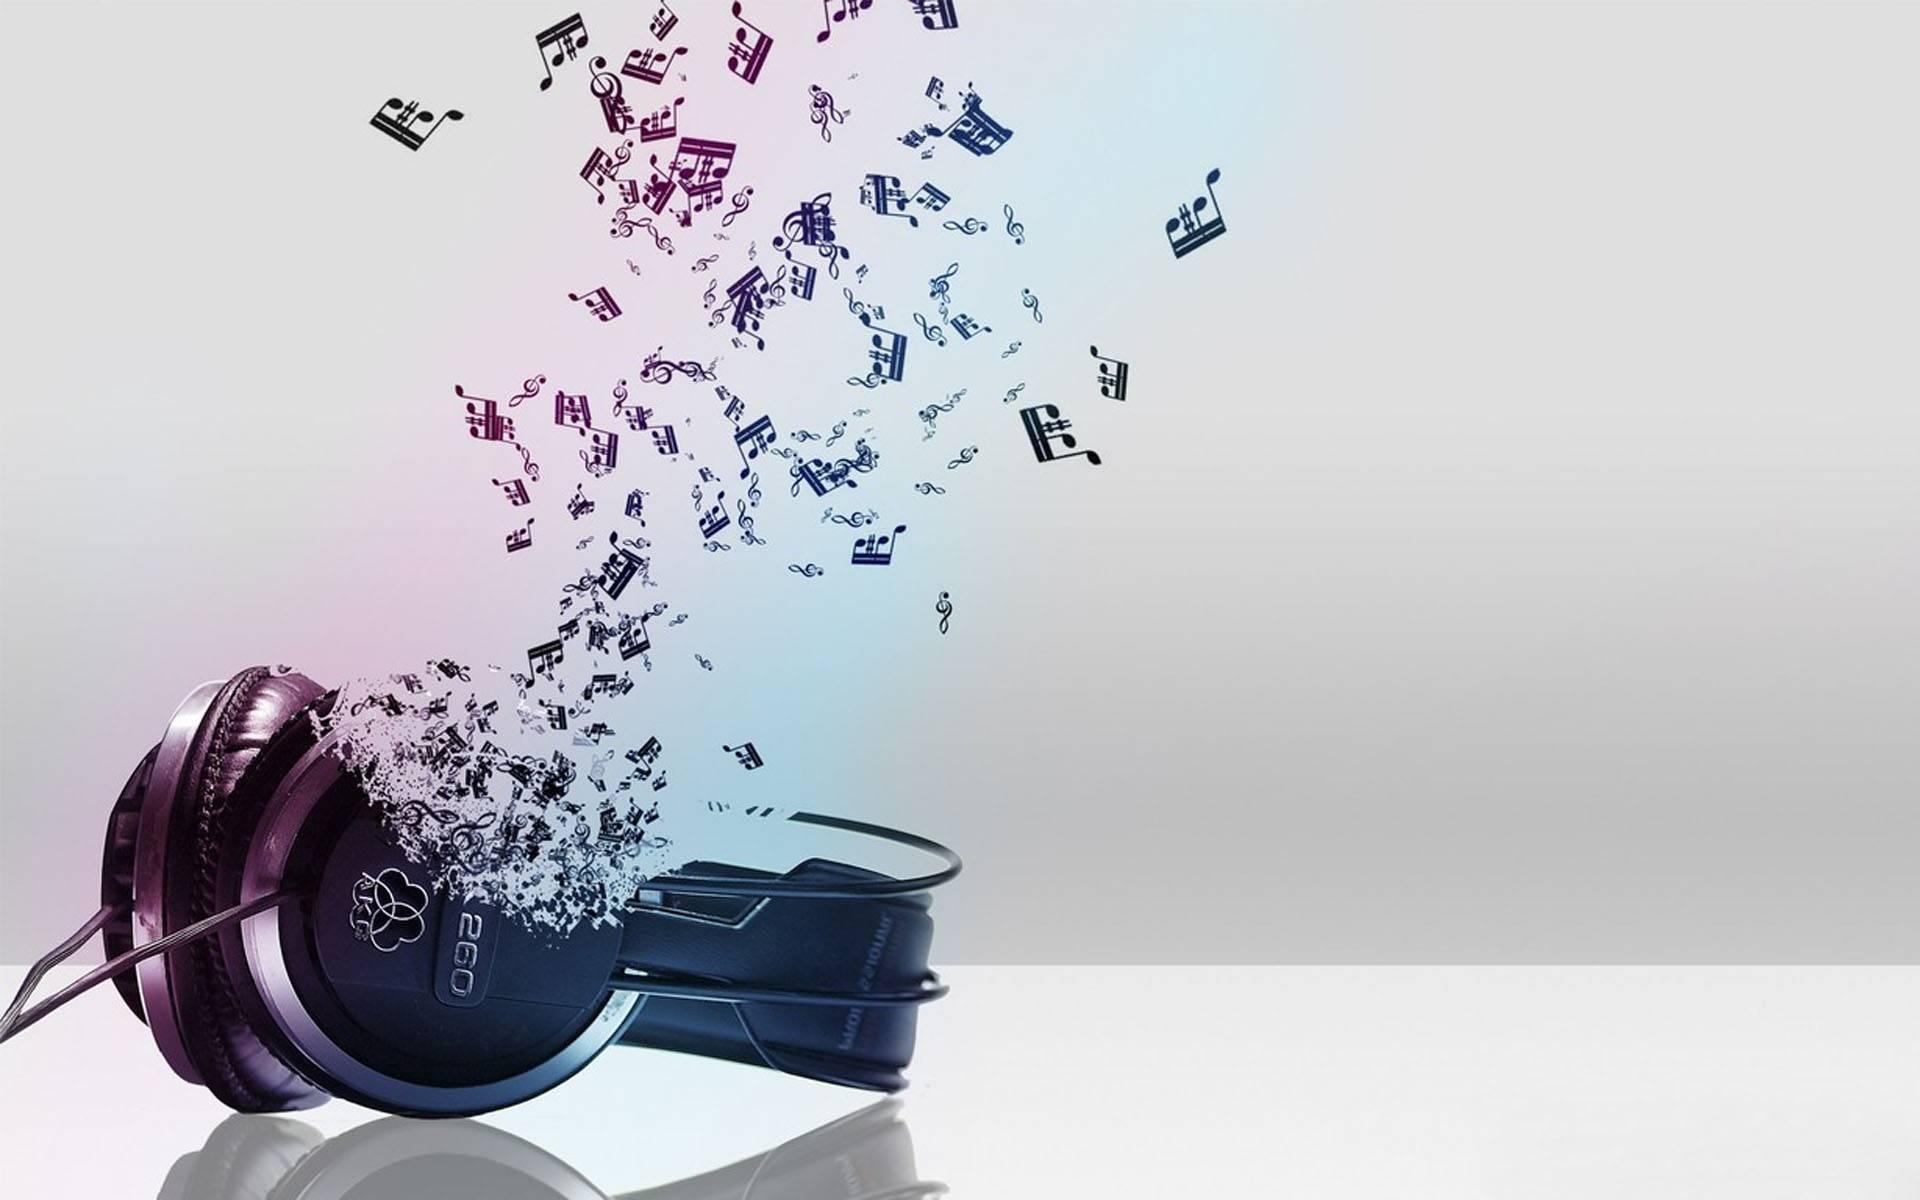 Il sesso migliora se ascolti musica